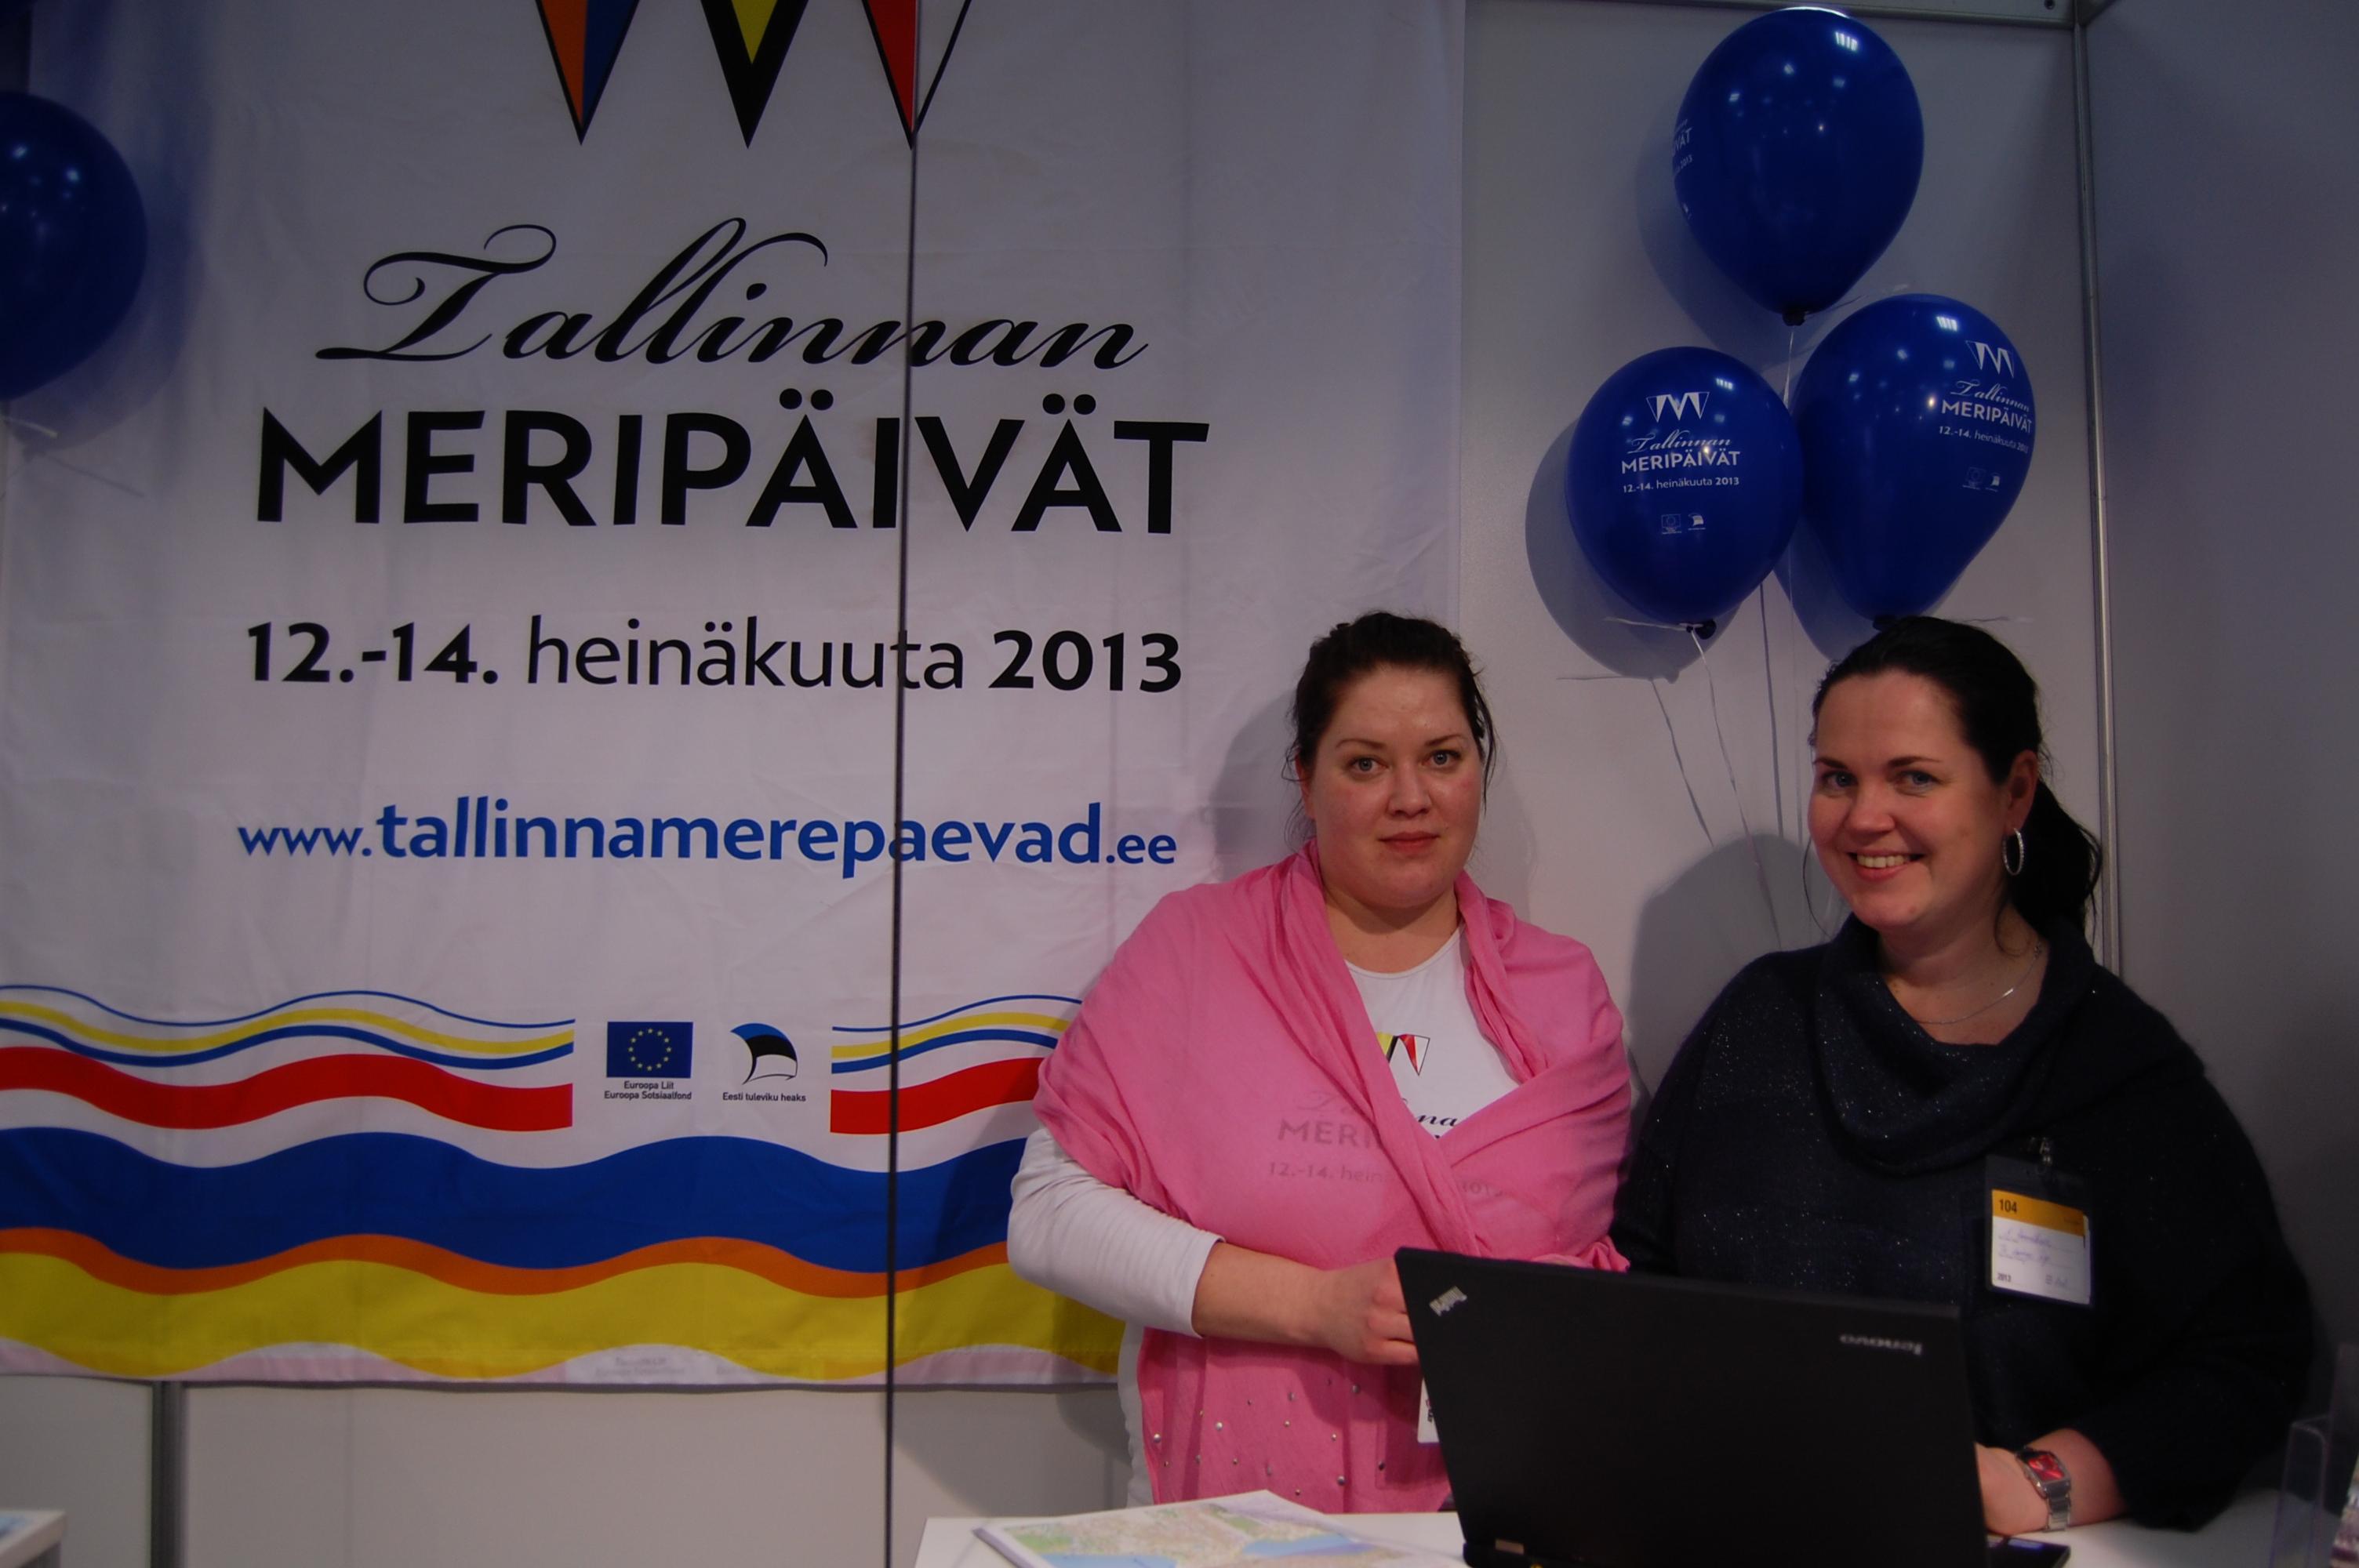 Osasto 1e2: Meripäivät Tallinnassa heinäkuussa